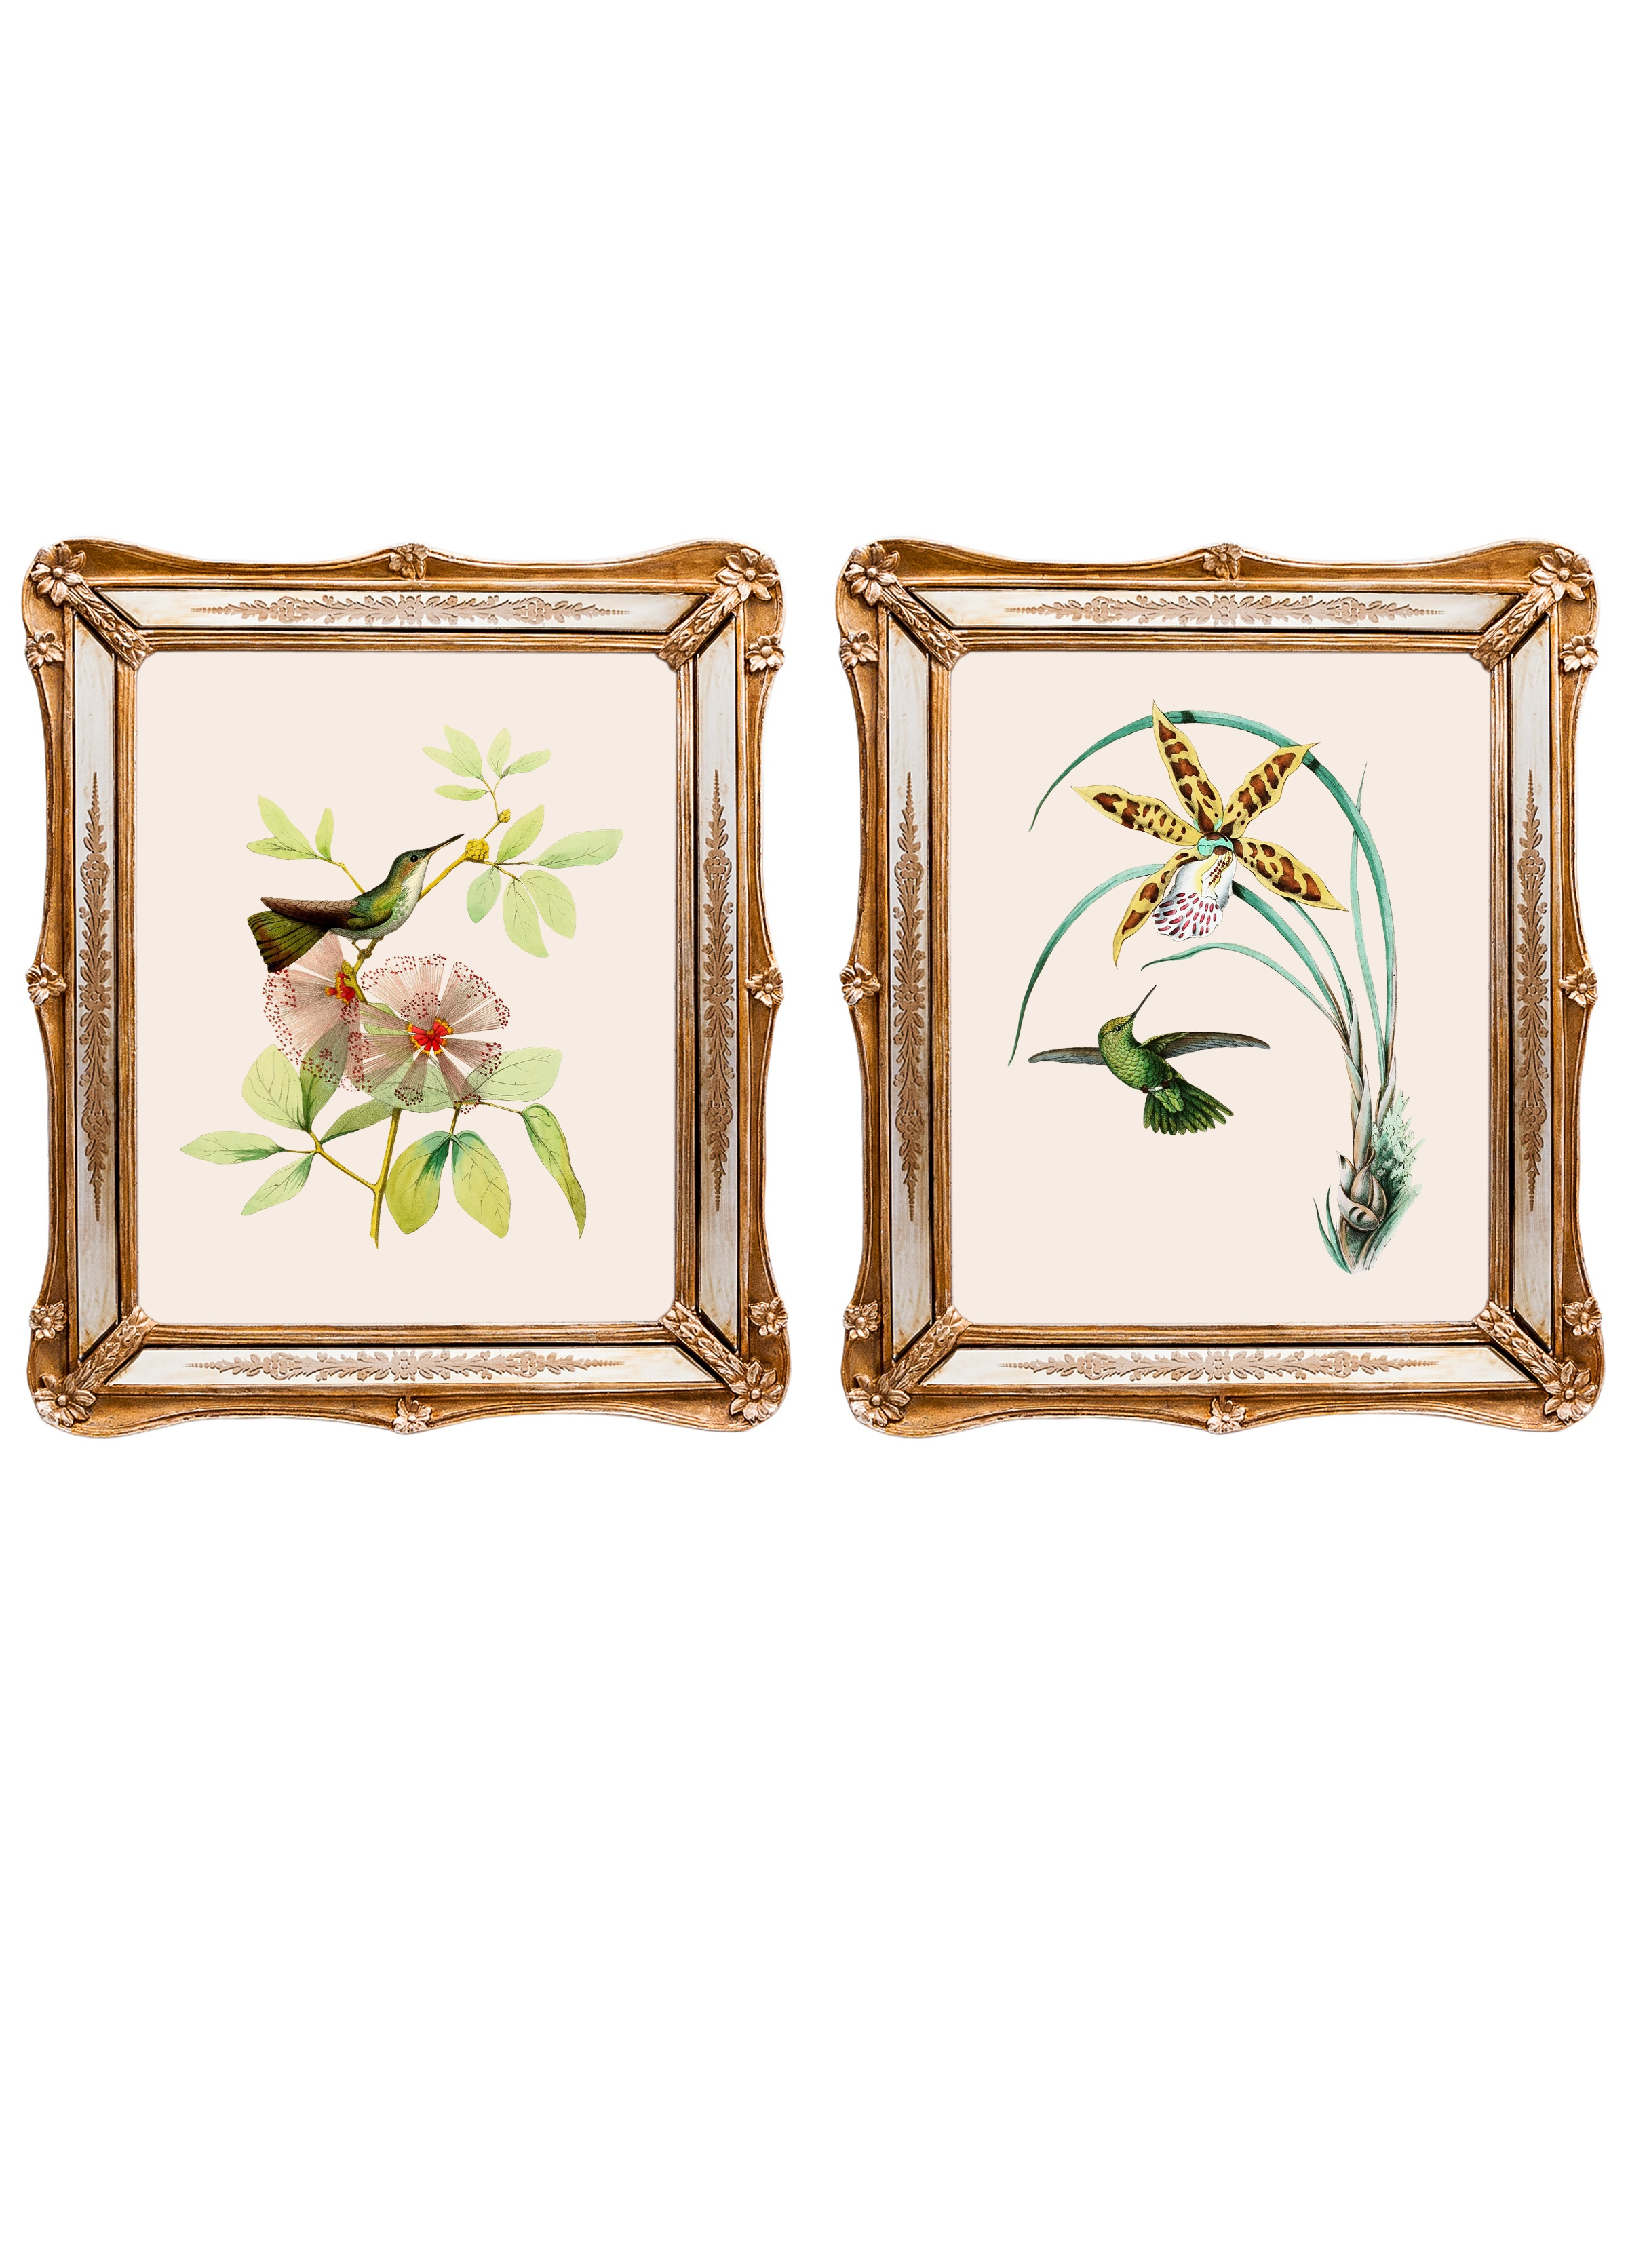 Набор из двух репродукций СофиКартины<br>&amp;lt;div&amp;gt;Репродукции акварелей 19 века с изображениями райских птиц наполнят атмосферу дома волнительными нотками прошлых столетий. На этих работах присутствует ореол романтики, теплоты, нежности. Репродукции акварелей в рамах с зеркальными вставками и золотым рельефом фантастически преображается в освещенном солнцем интерьере. Картины можно повесить на стену, а можно поставить, например, на стол или камин. Защитный стеклянный слой сохранит изображение от воздействий окружающей среды. Если Вам захочется обновить интерьер, Вы можете с легкостью заменить изображение картины!&amp;lt;/div&amp;gt;&amp;lt;div&amp;gt;&amp;lt;br&amp;gt;&amp;lt;/div&amp;gt;&amp;lt;div&amp;gt;Изображение - дизайнерская бумага; рама - искуственный камень, зеркальные вставки; защитный слой - стекло&amp;amp;nbsp;&amp;lt;/div&amp;gt;&amp;lt;div&amp;gt;цвет:мультиколор&amp;amp;nbsp;&amp;lt;/div&amp;gt;<br><br>Material: Бумага<br>Ширина см: 26.5<br>Высота см: 30.5<br>Глубина см: 2.0